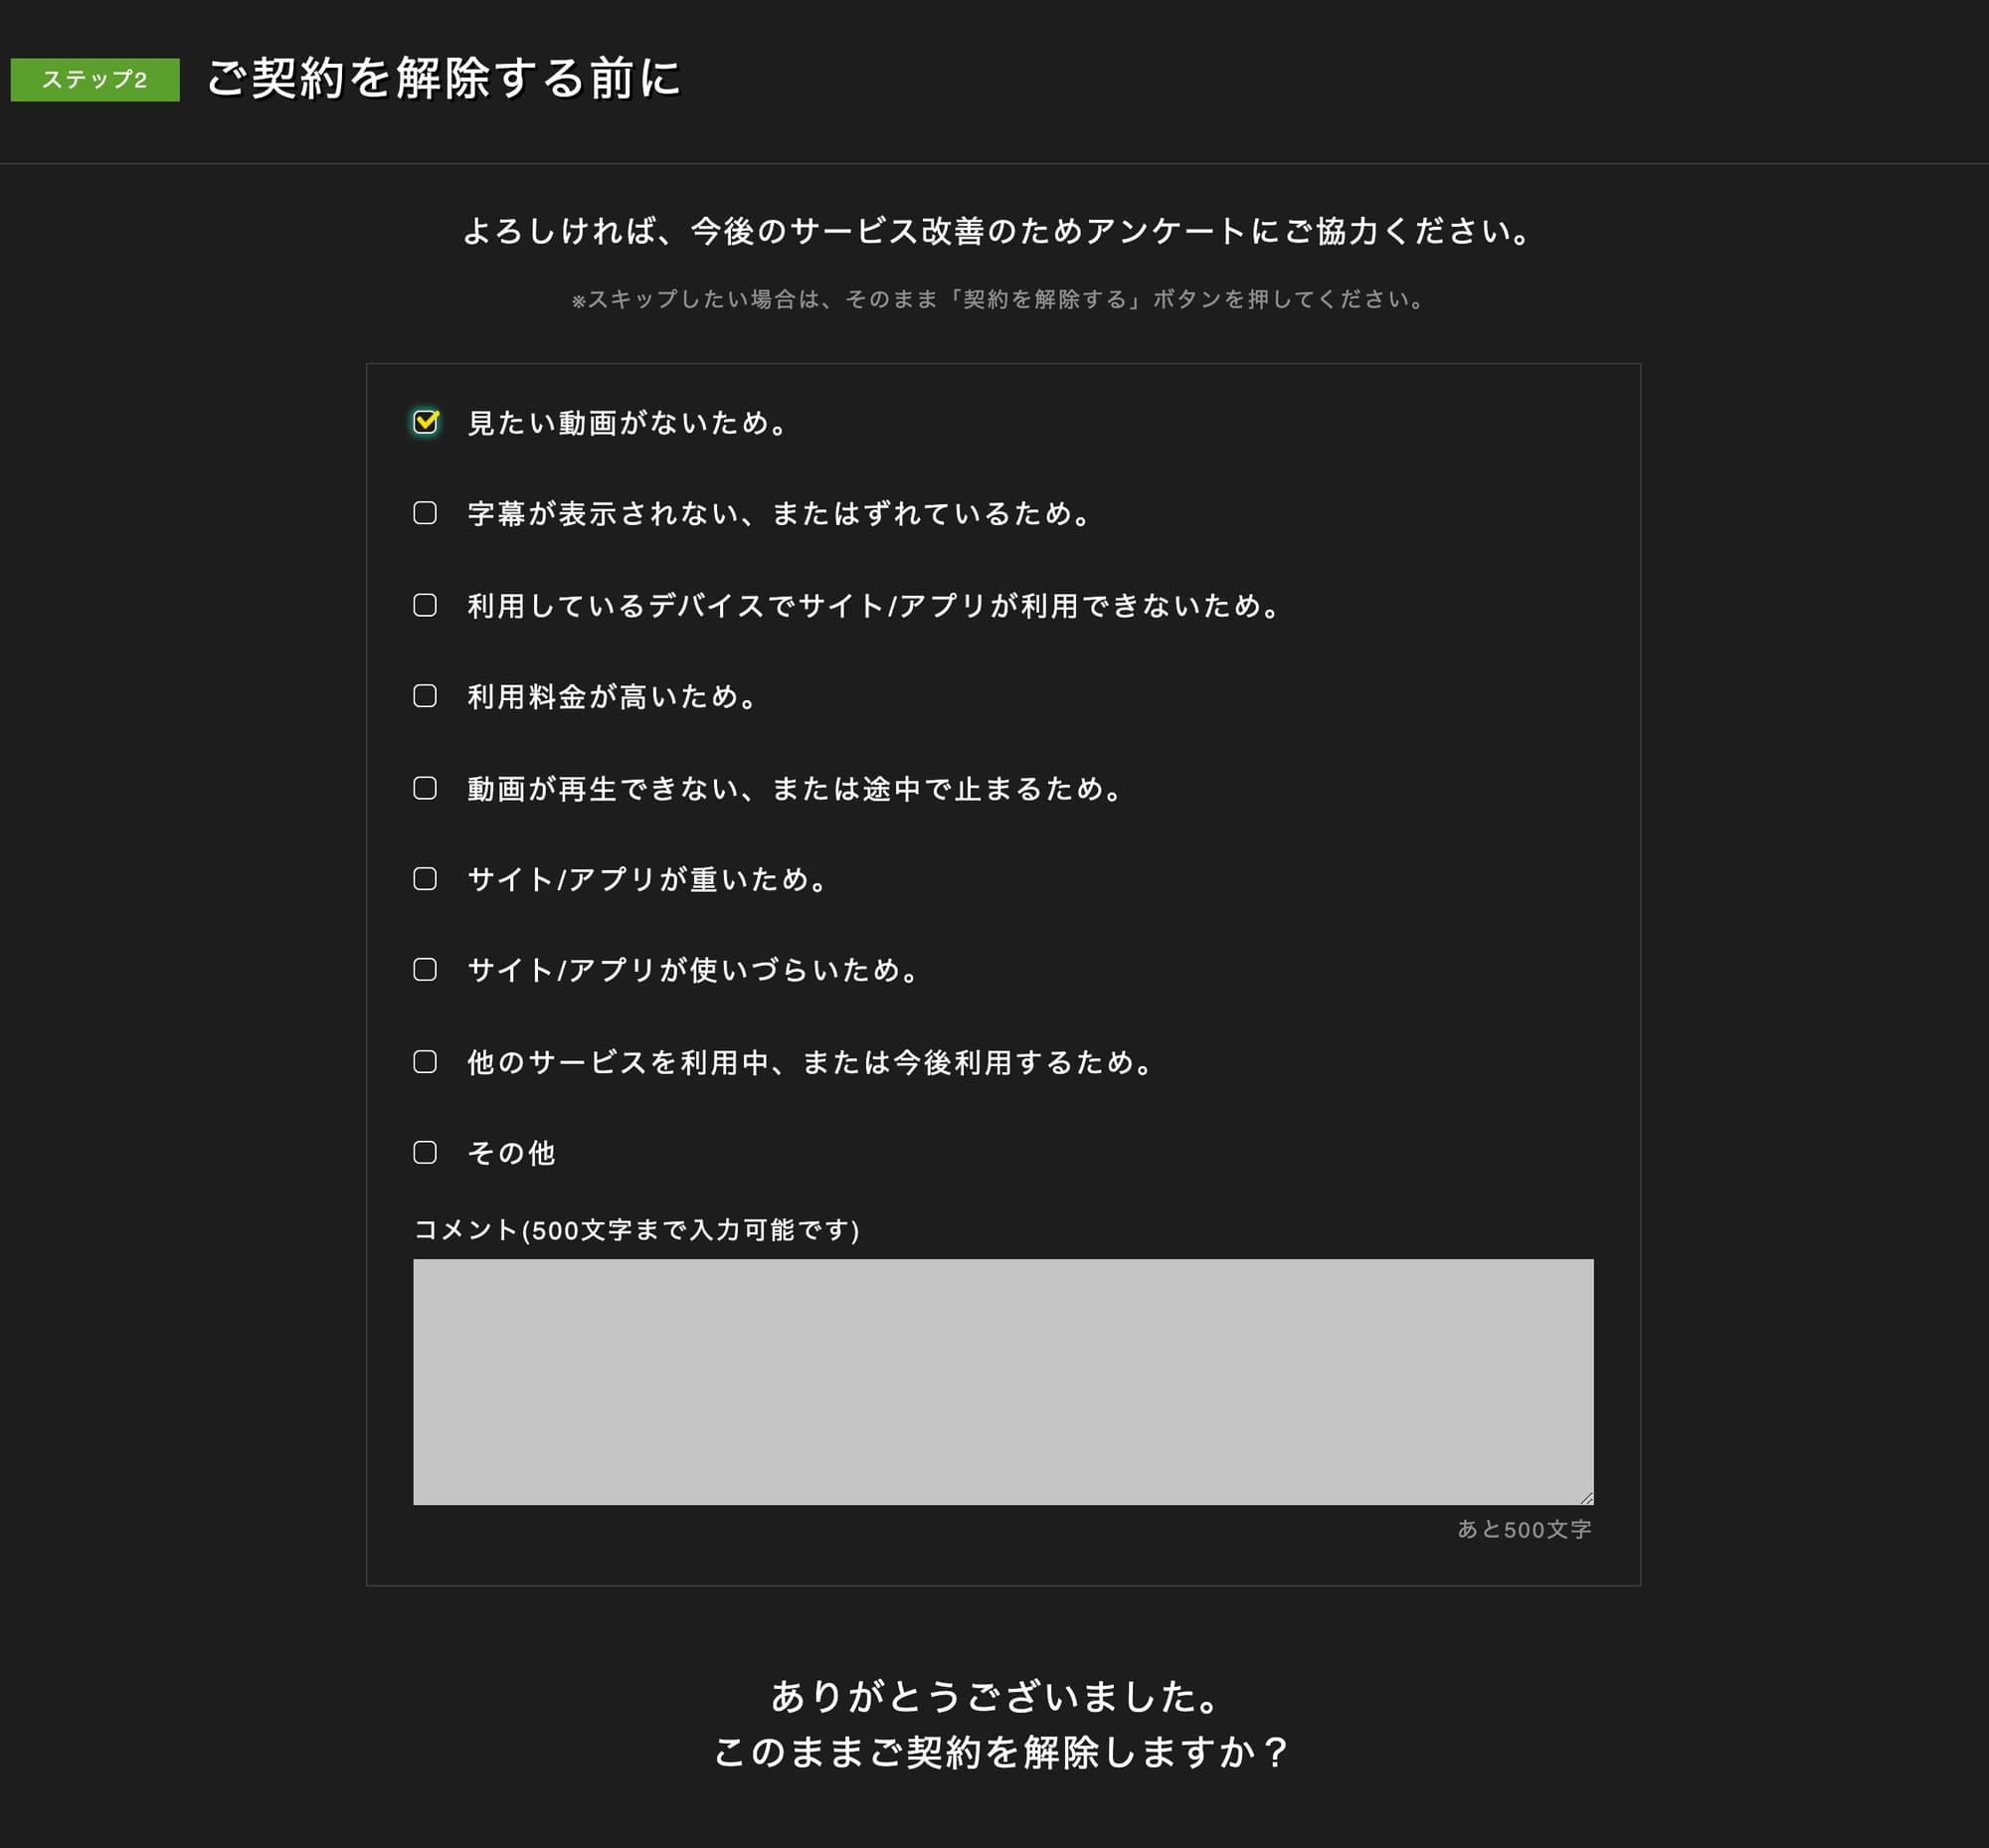 Huluの解約前のアンケート